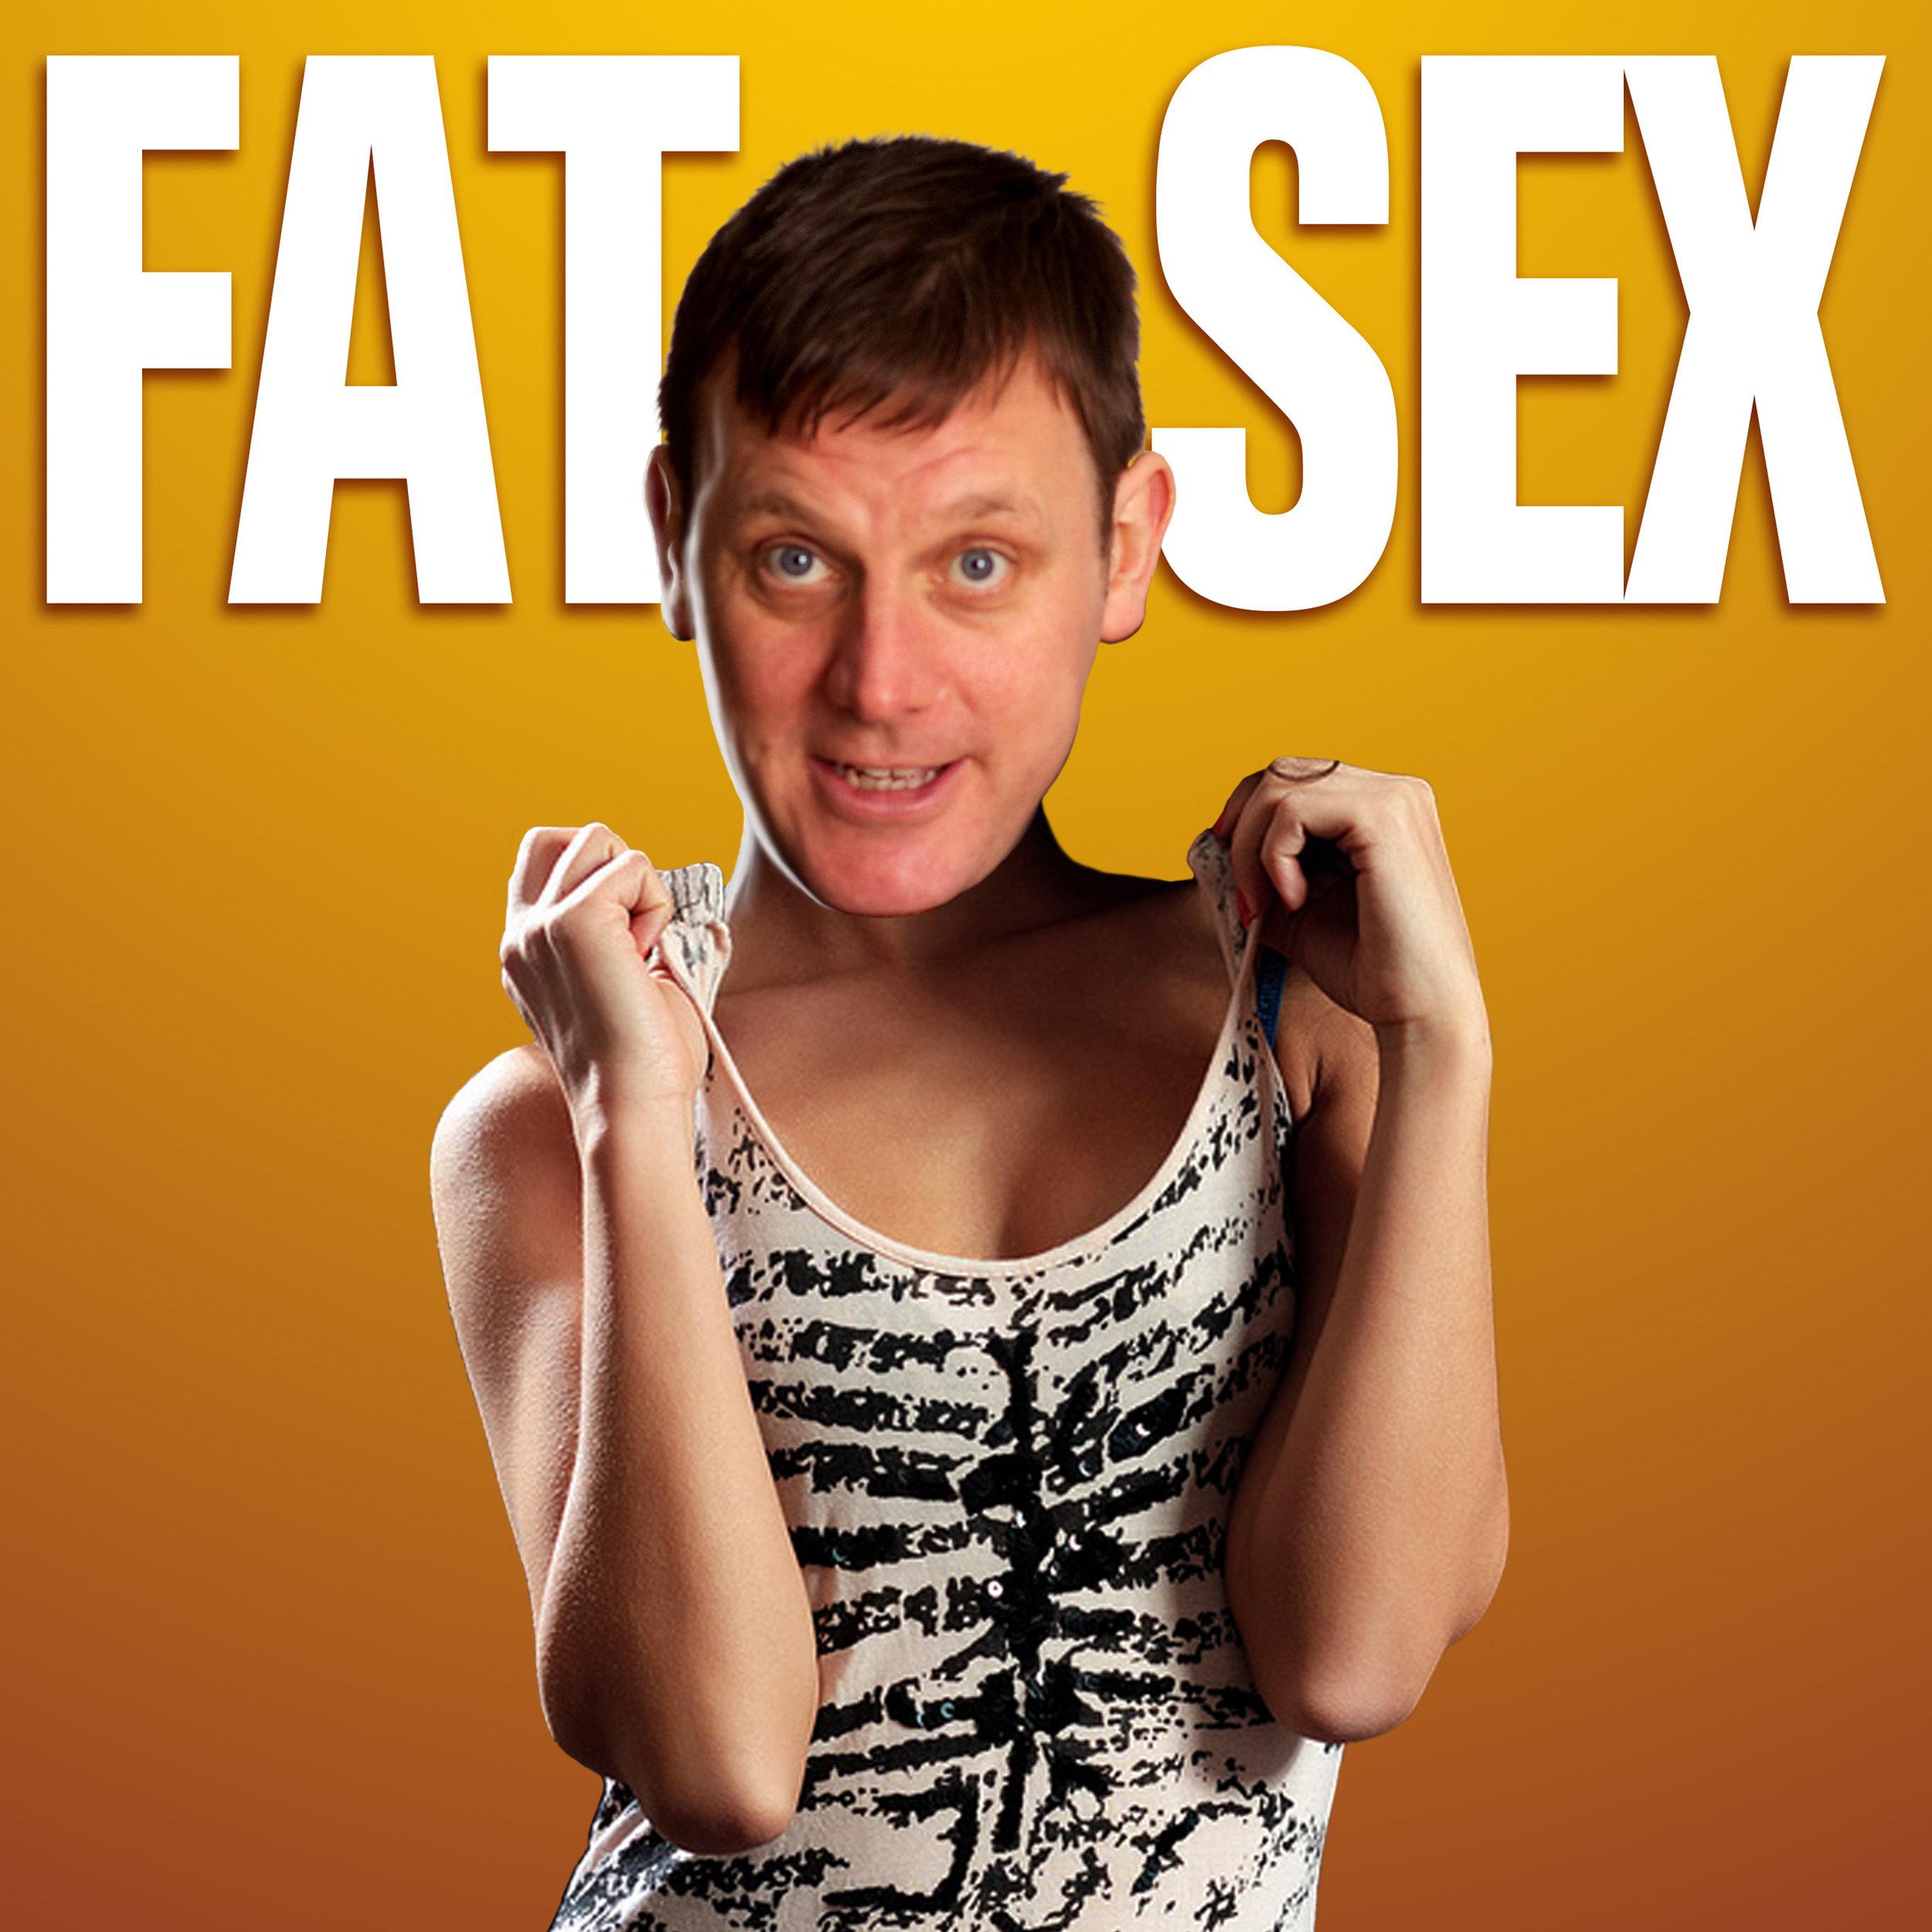 The UK's Steve Larkin stars in  Fat Sex.